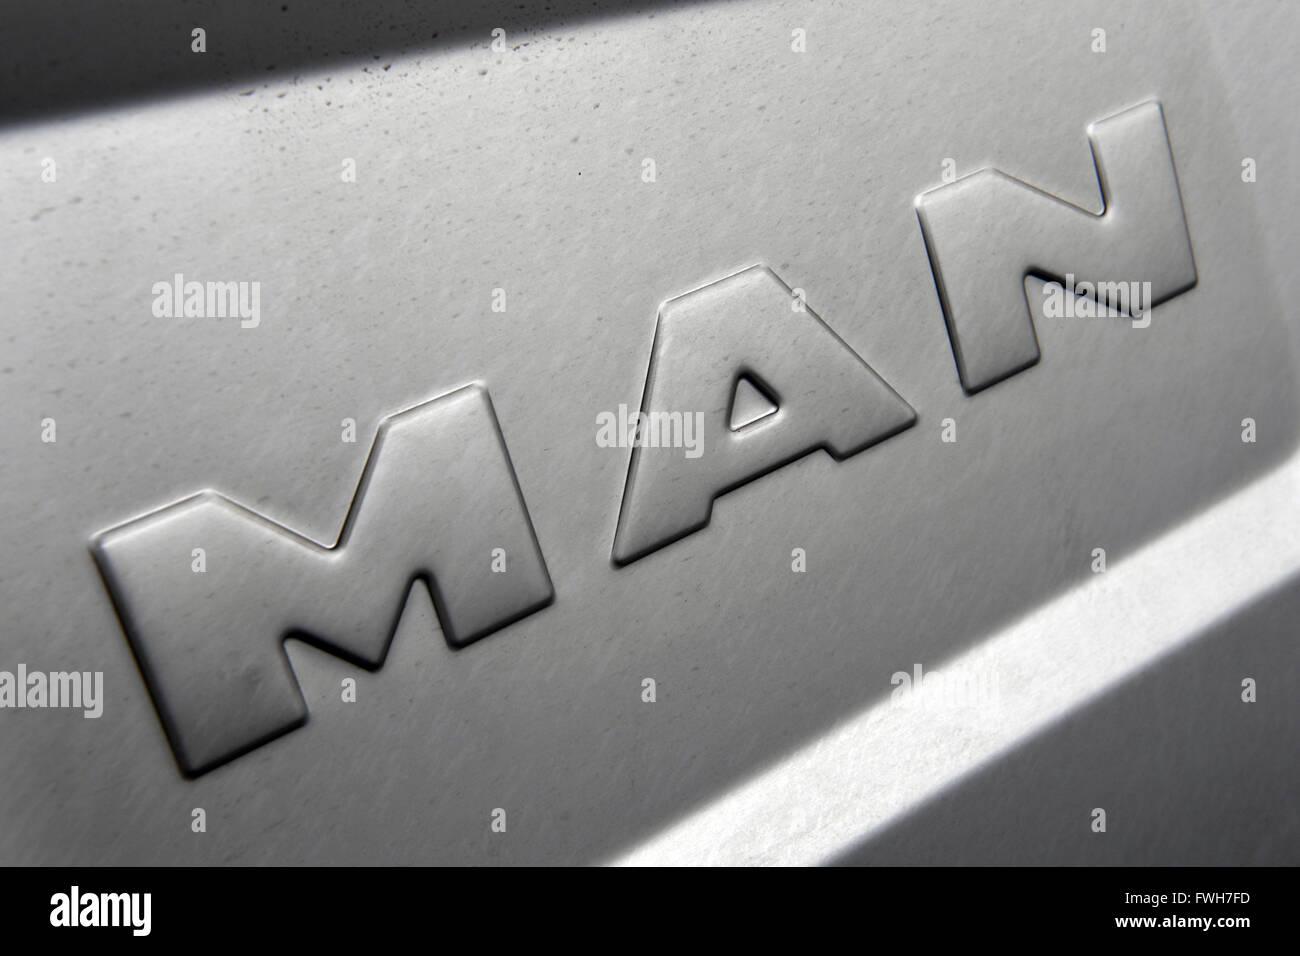 Monaco di Baviera, Germania. 04 apr, 2016. Un logo aziendale del produttore di autocarri MAN, a Monaco di Baviera, Germania, 04 aprile 2016. Foto: PETER KNEFFEL/dpa/Alamy Live News Foto Stock